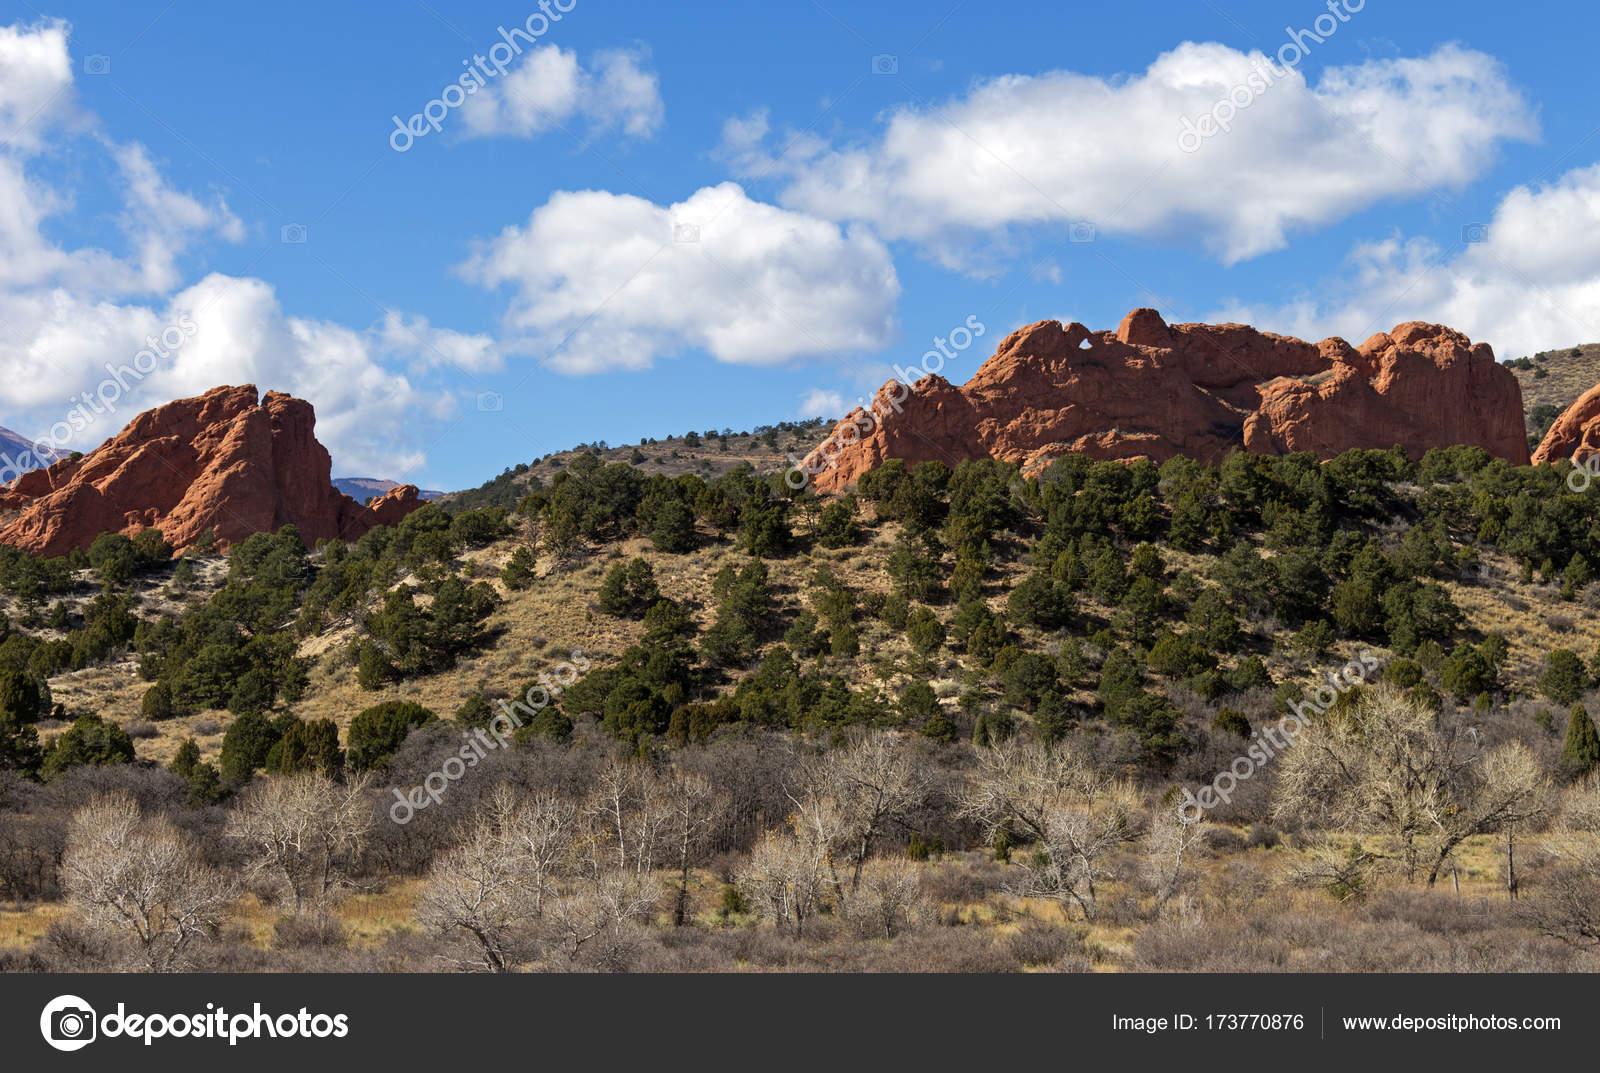 Garden of the gods Colorado Springs — Stock Photo © mikle15 #173770876